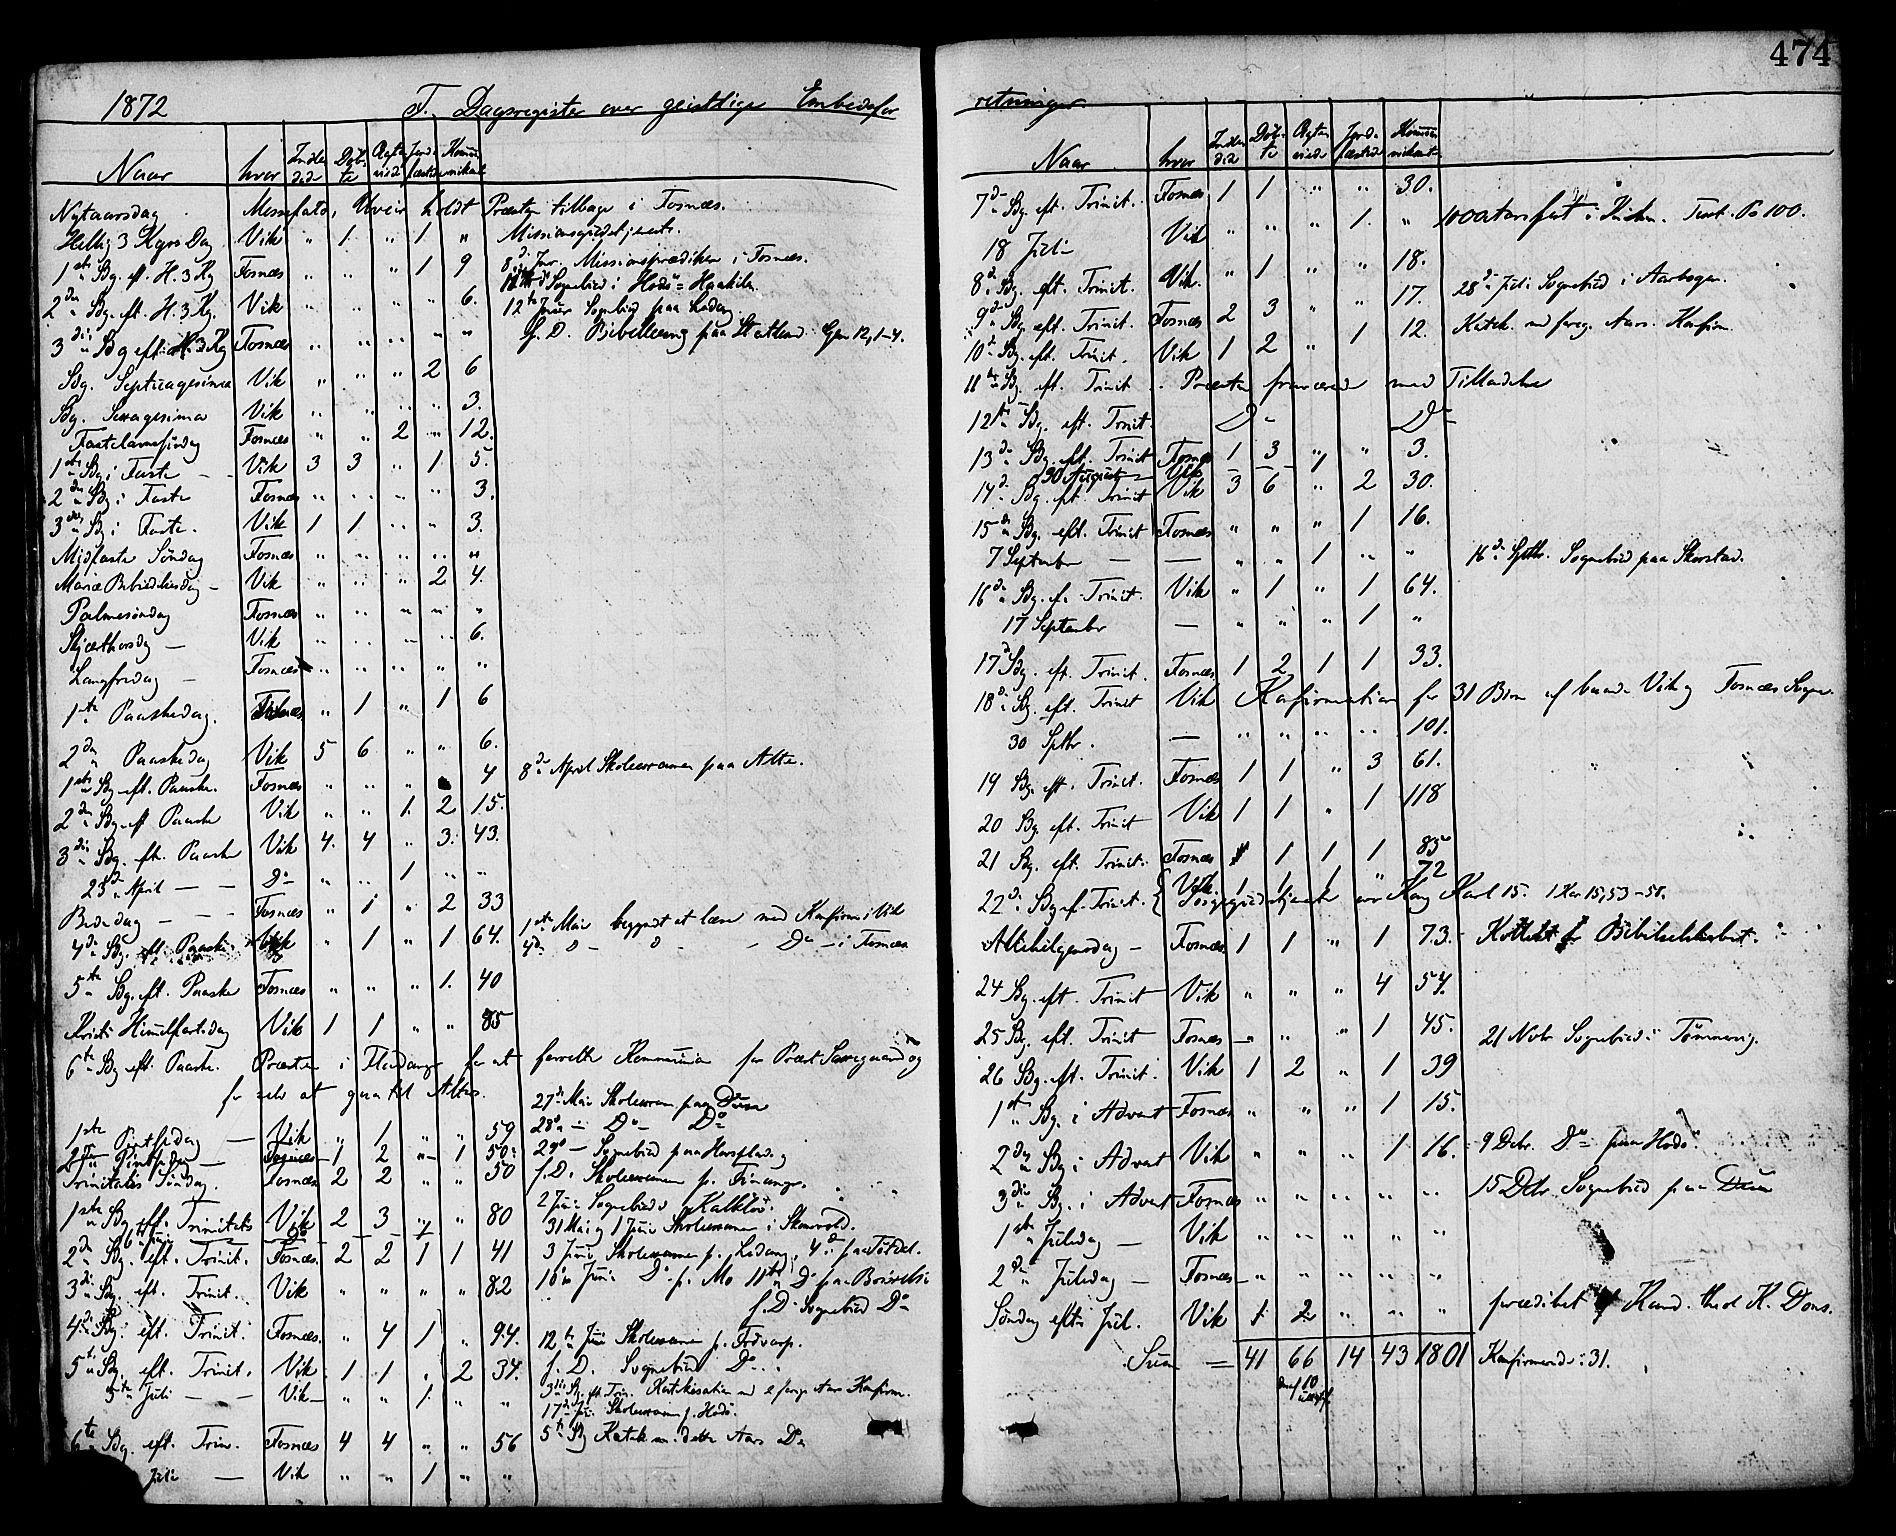 SAT, Ministerialprotokoller, klokkerbøker og fødselsregistre - Nord-Trøndelag, 773/L0616: Ministerialbok nr. 773A07, 1870-1887, s. 474